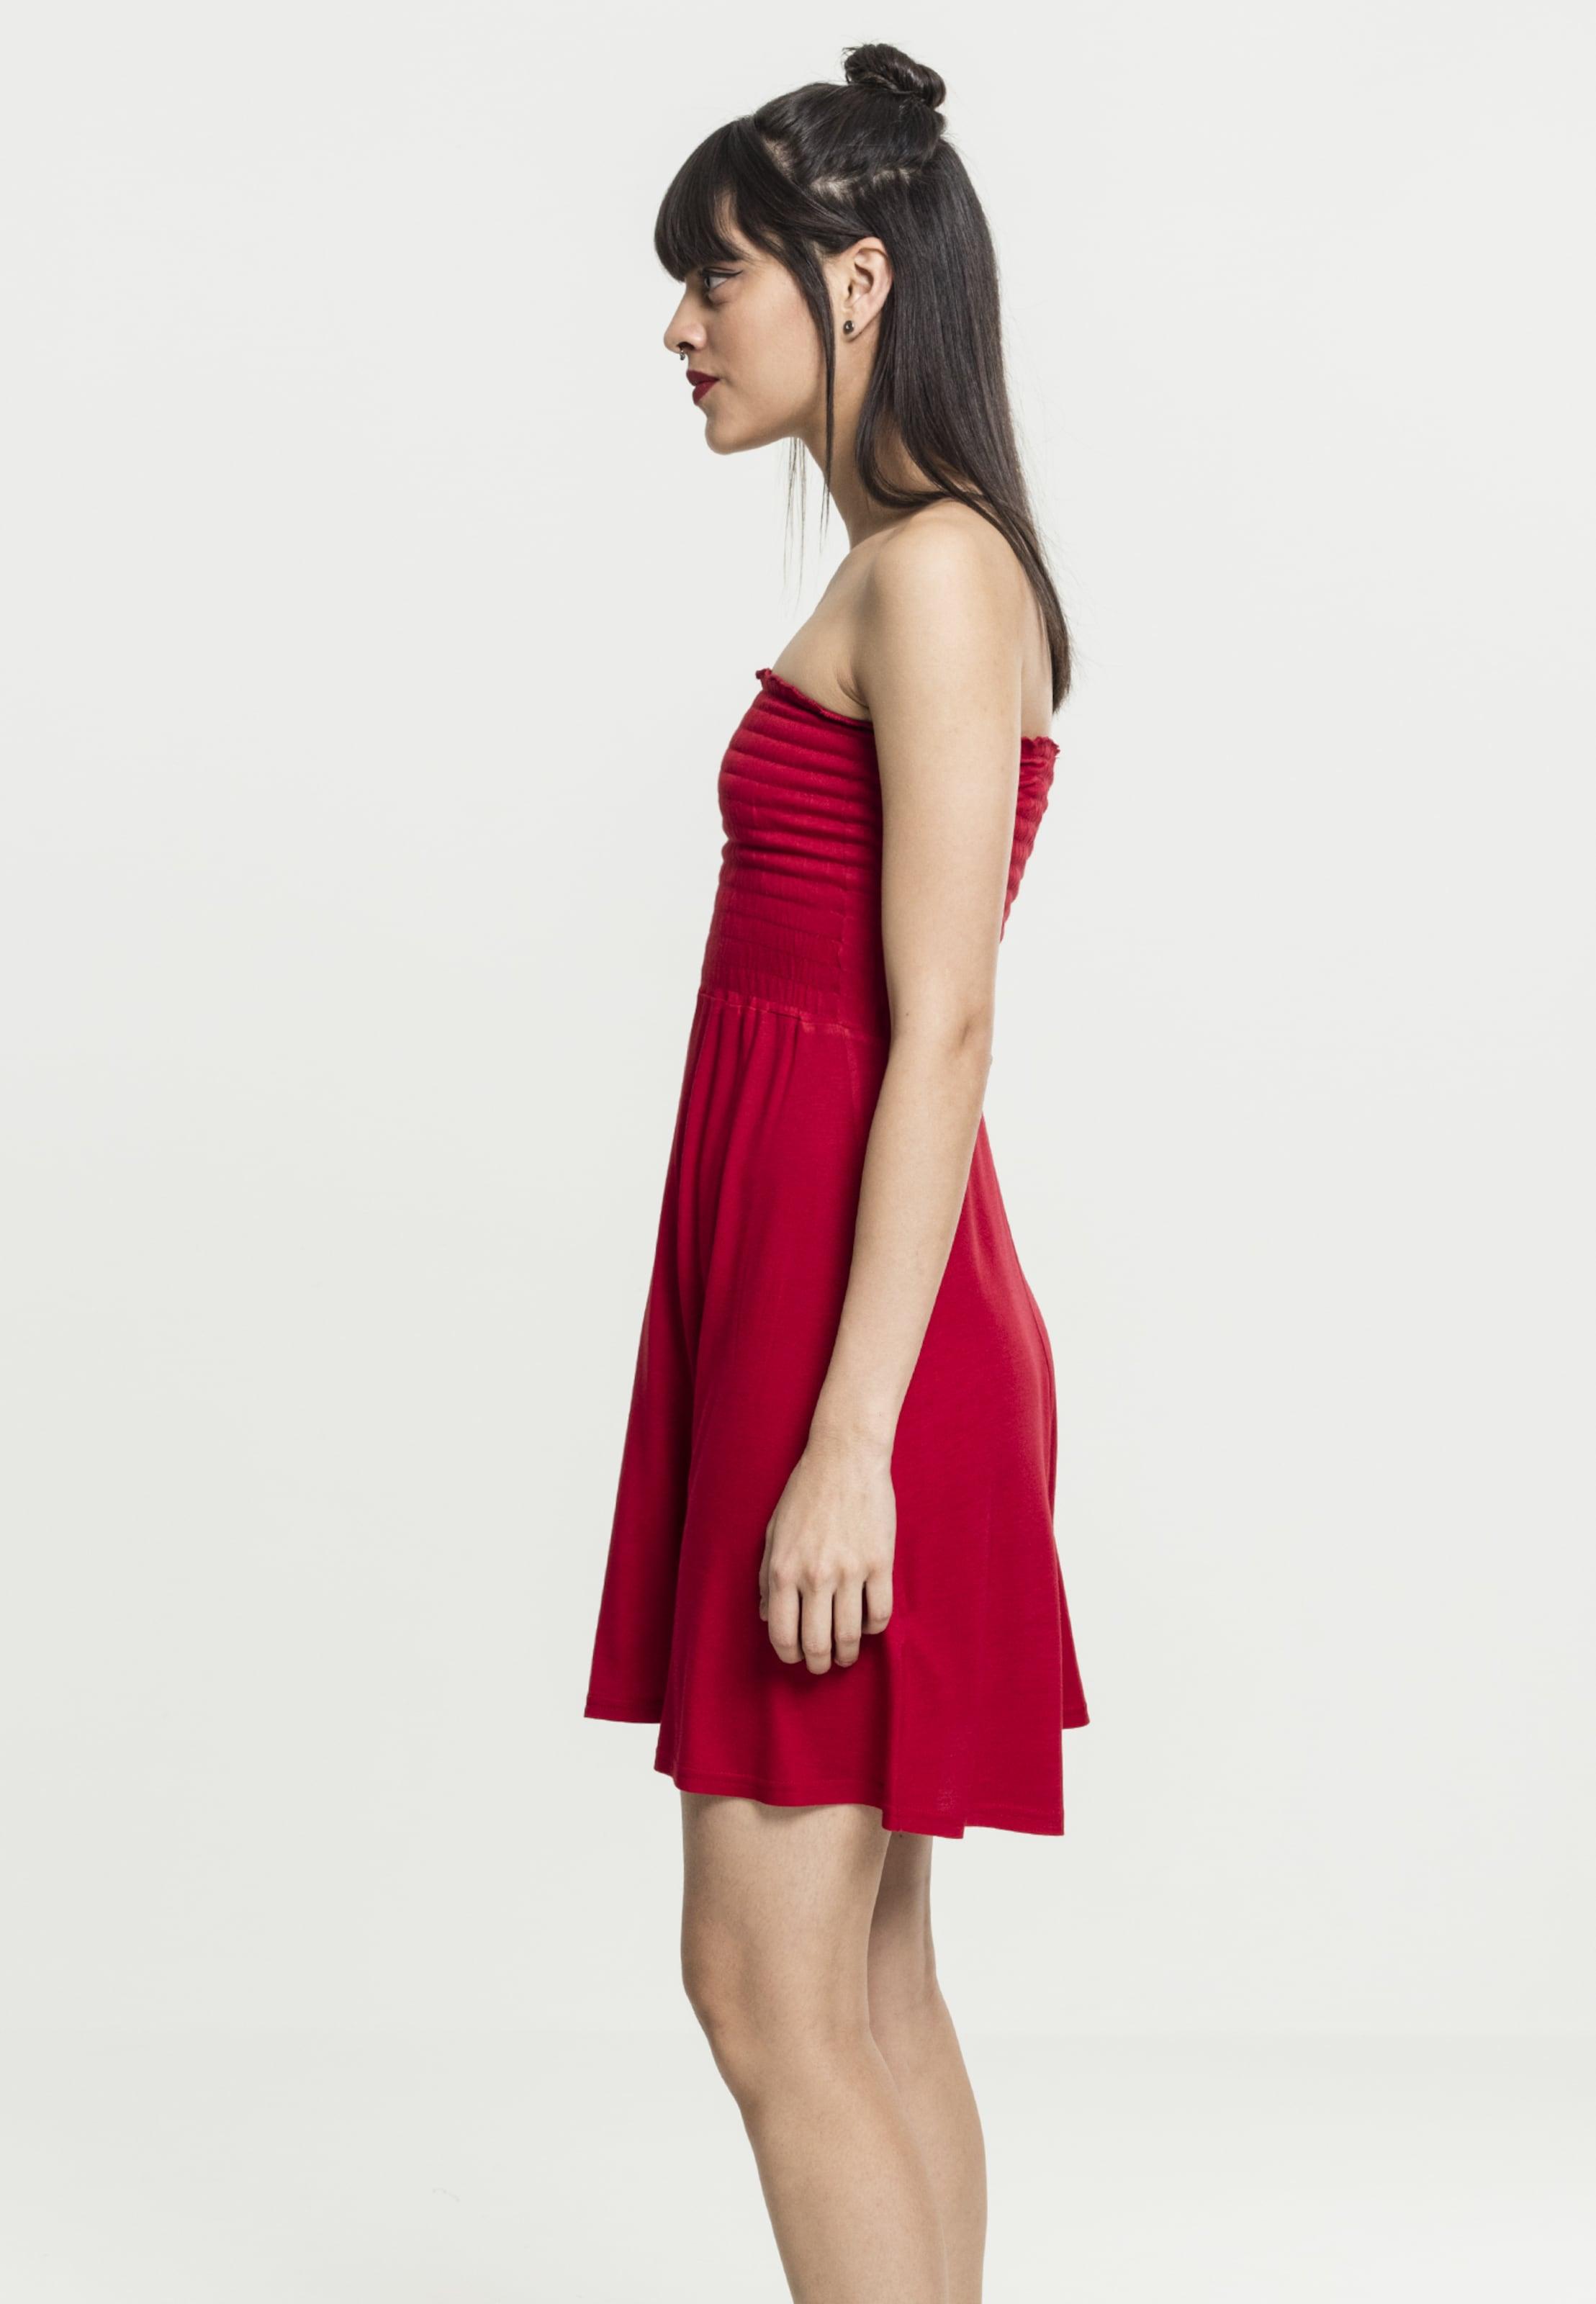 In Urban Kleid Kleid Classics Classics Feuerrot Urban Feuerrot Urban Classics Kleid In LSAqc354Rj